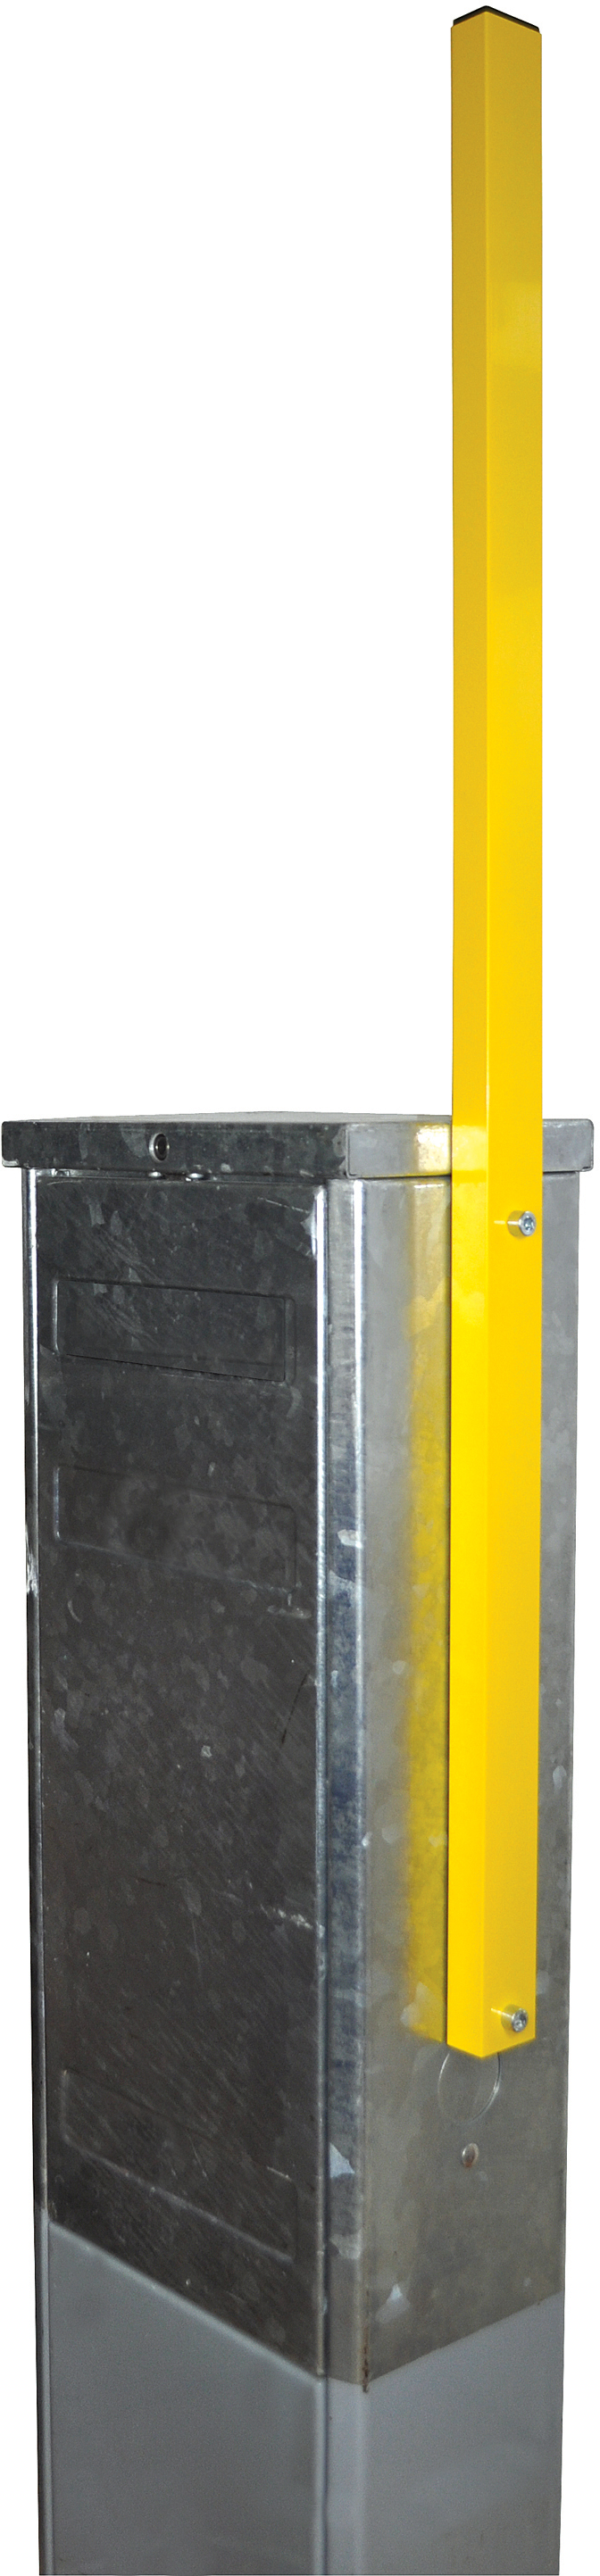 KABELSKÅPSSTOLPE L-1250 AL GUL